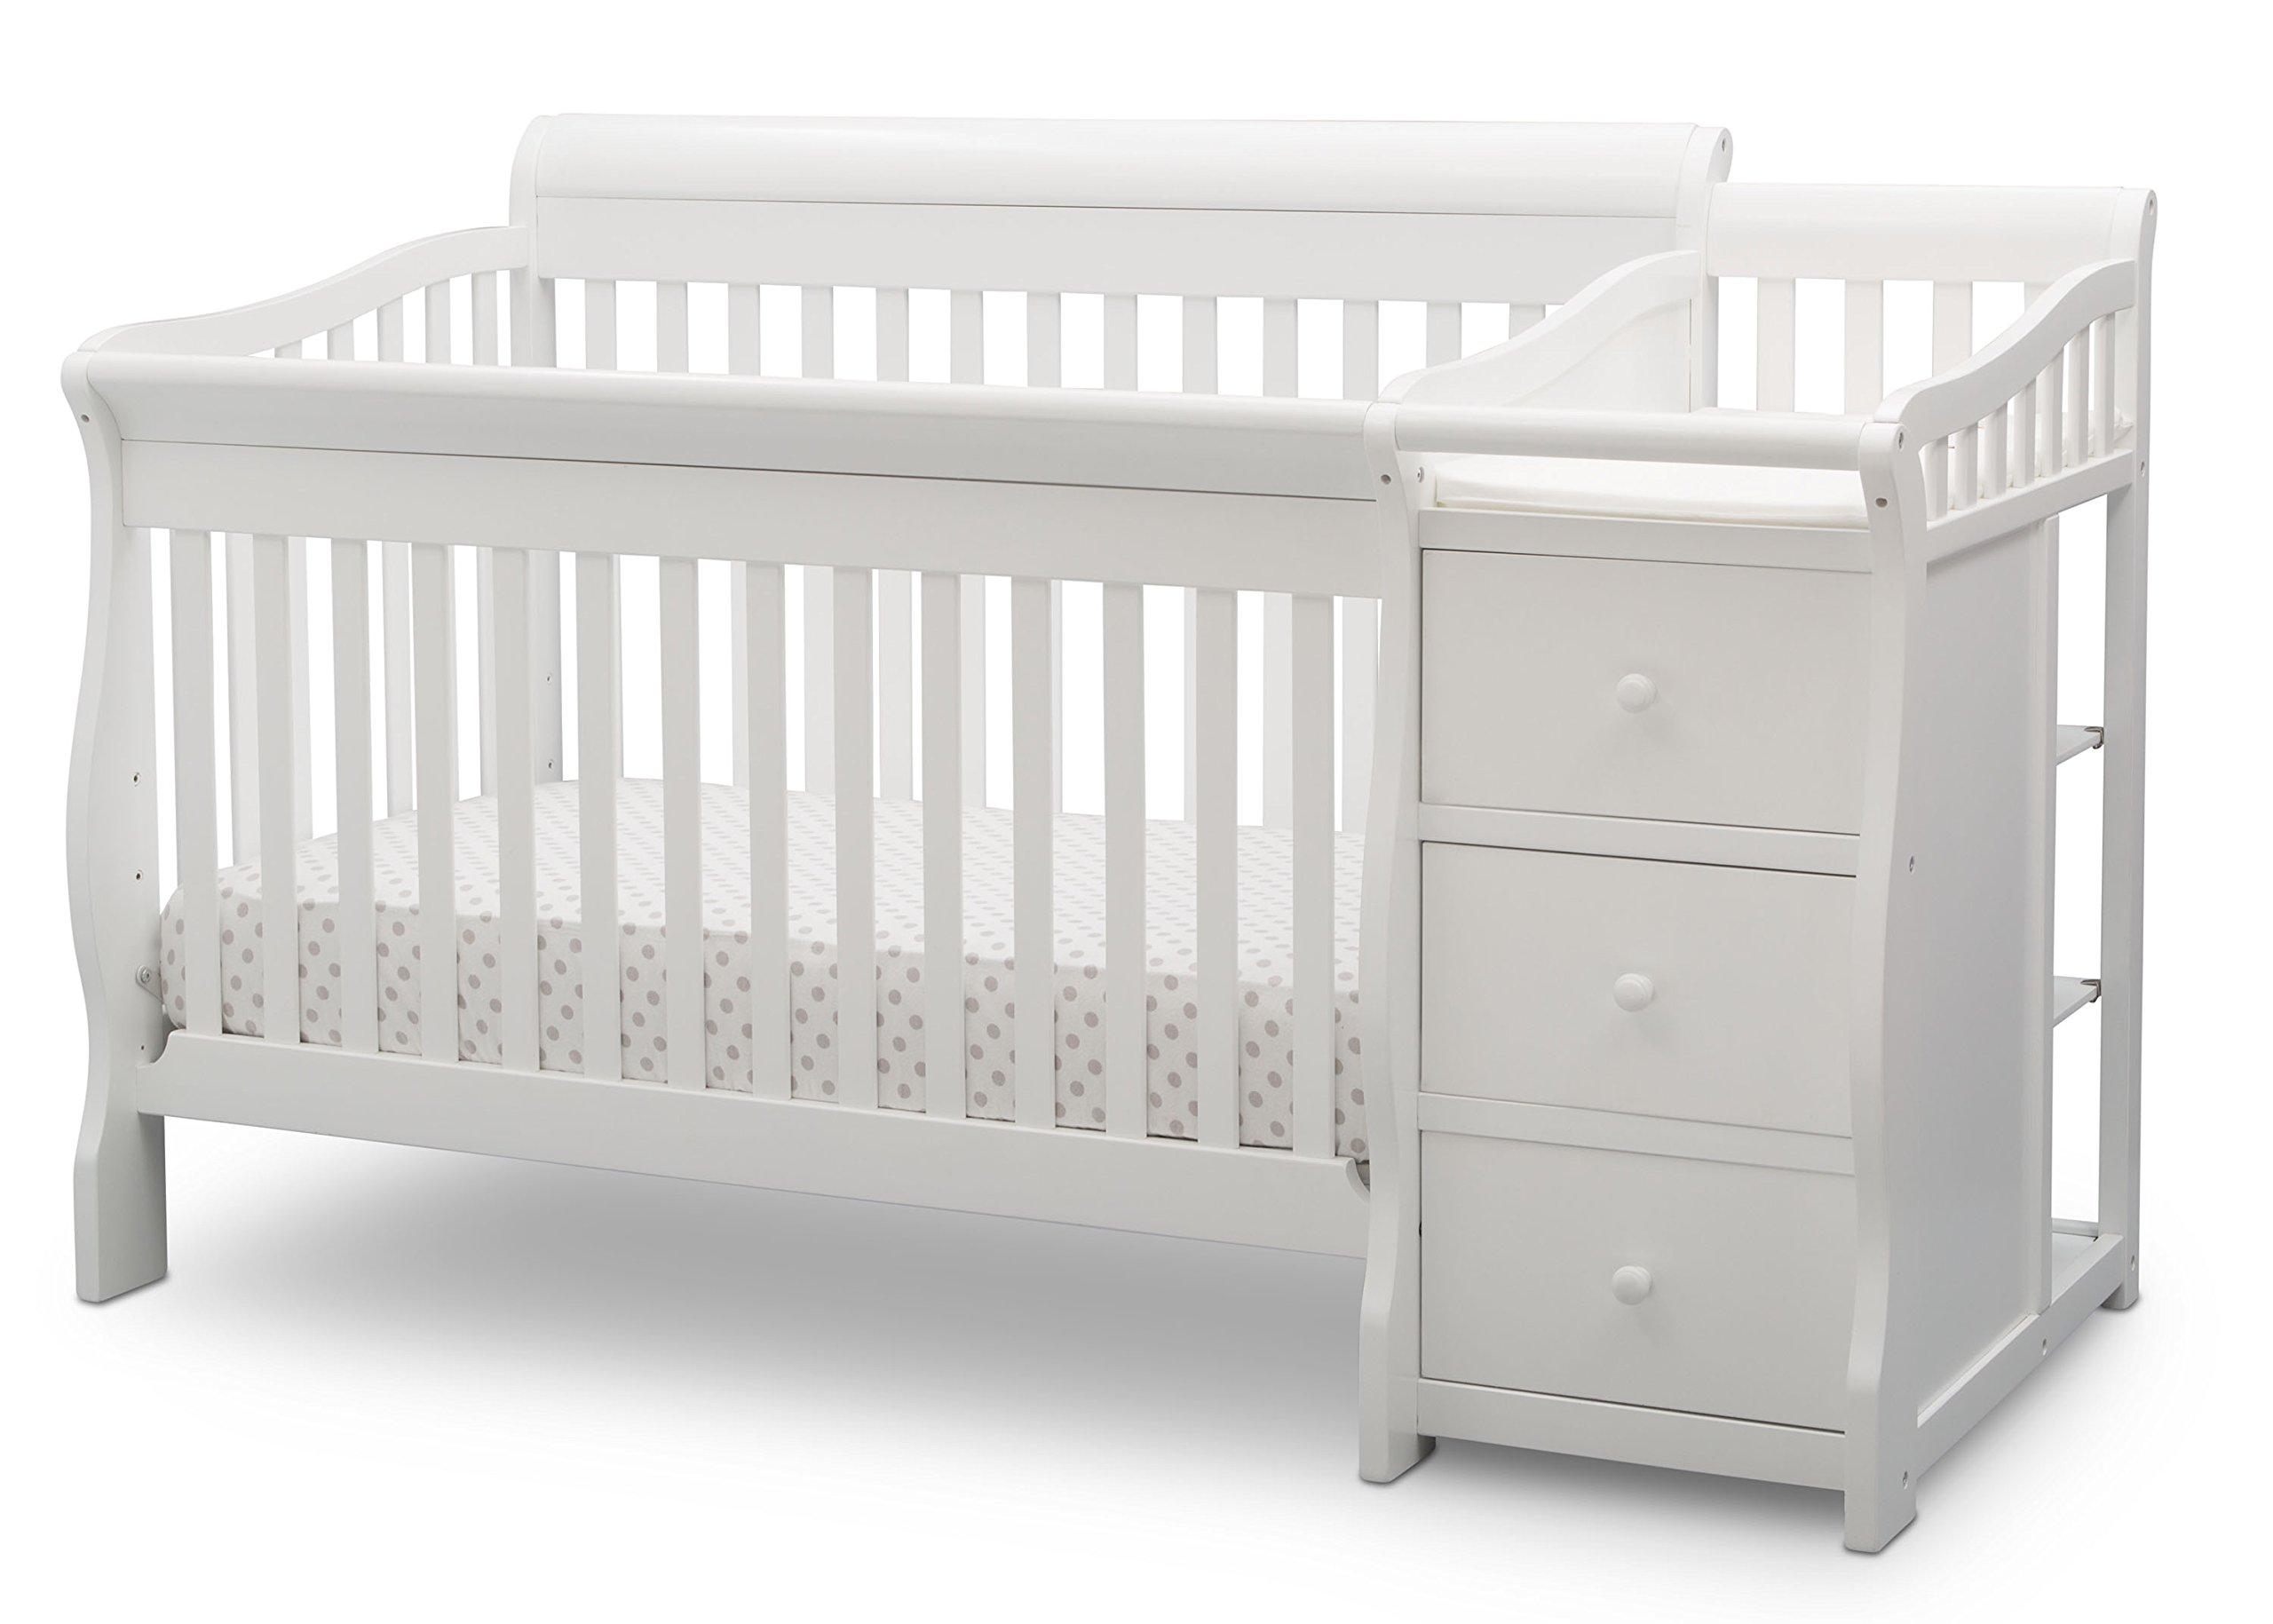 Delta Children Princeton Junction Convertible Crib and Changer, Bianca White by Delta Children